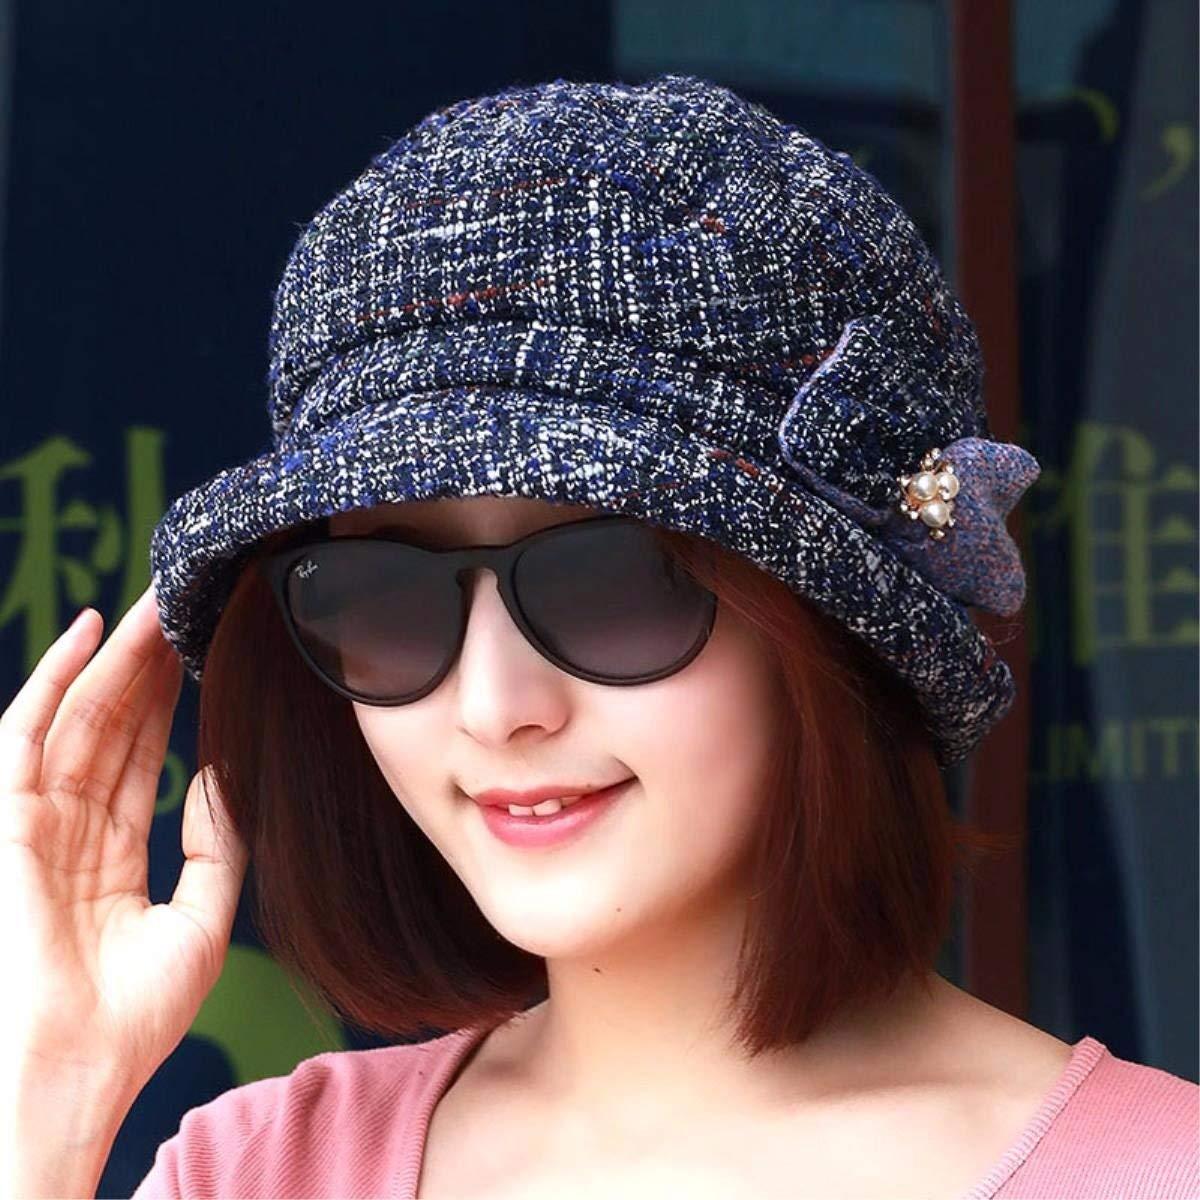 Thundertechs Autumn Winter Fashion flip Side Cap Older Video Thin Basin Cap Mother Cap Warm Cap Fisherman hat Painter hat (Color : The Blue, Size : M)